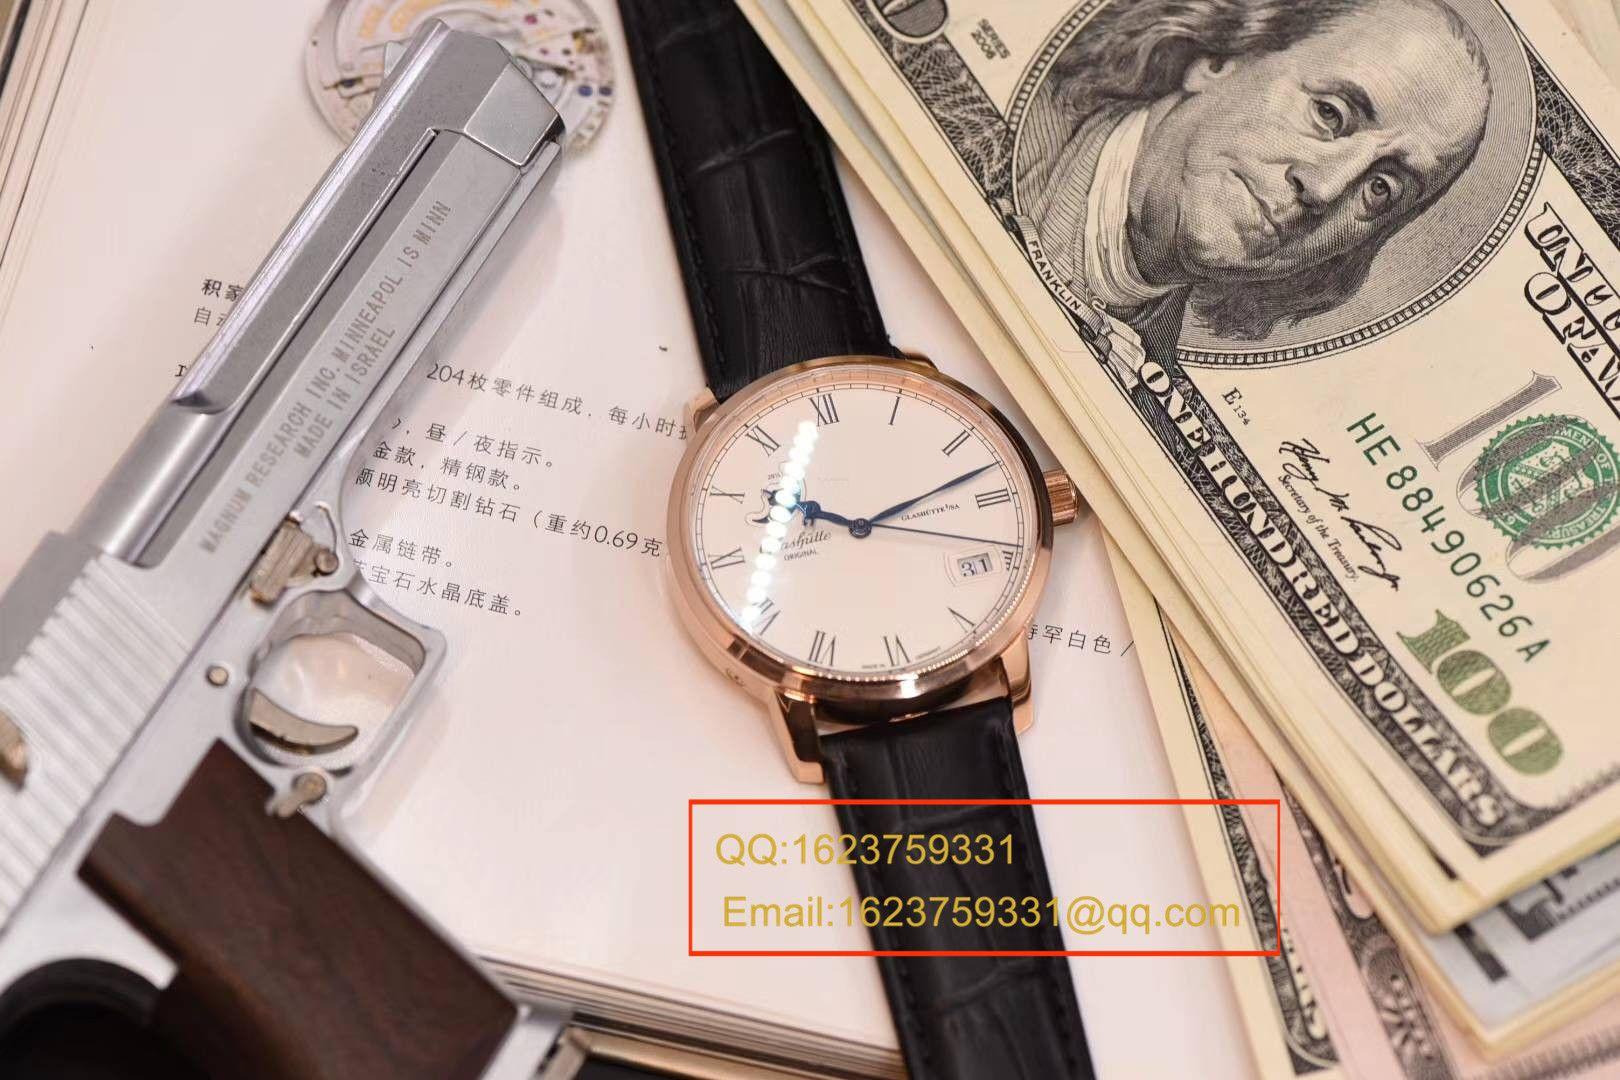 【GF一比一超A高仿手表】格拉苏蒂原创精髓议员大日历月相腕表系列 100-04-32-15-04腕表 / GLABA013